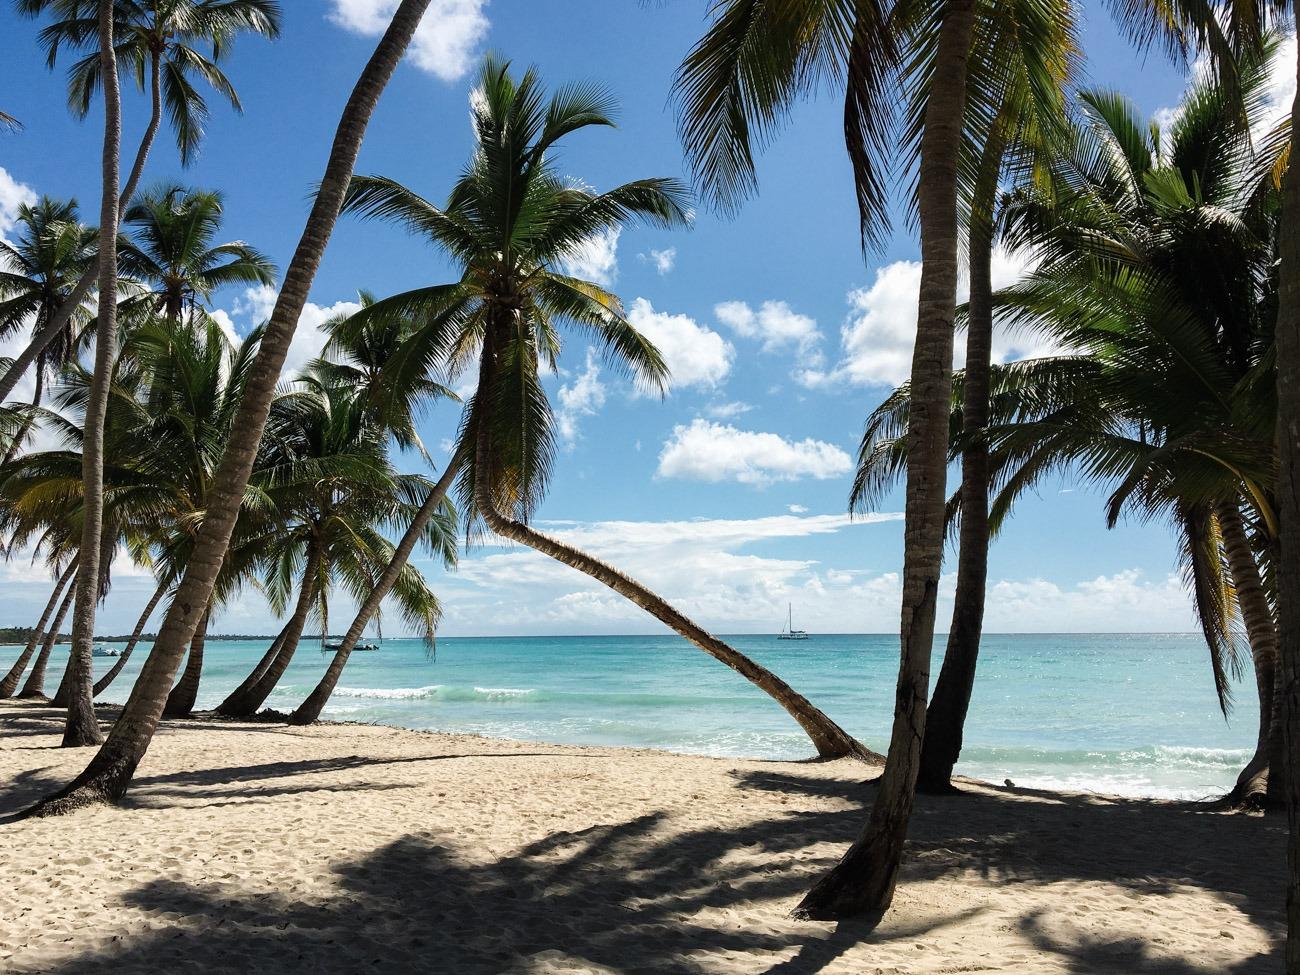 Hohe Palmen, türkisblaues Karibikmeer und feiner Sand am Strand von Saona